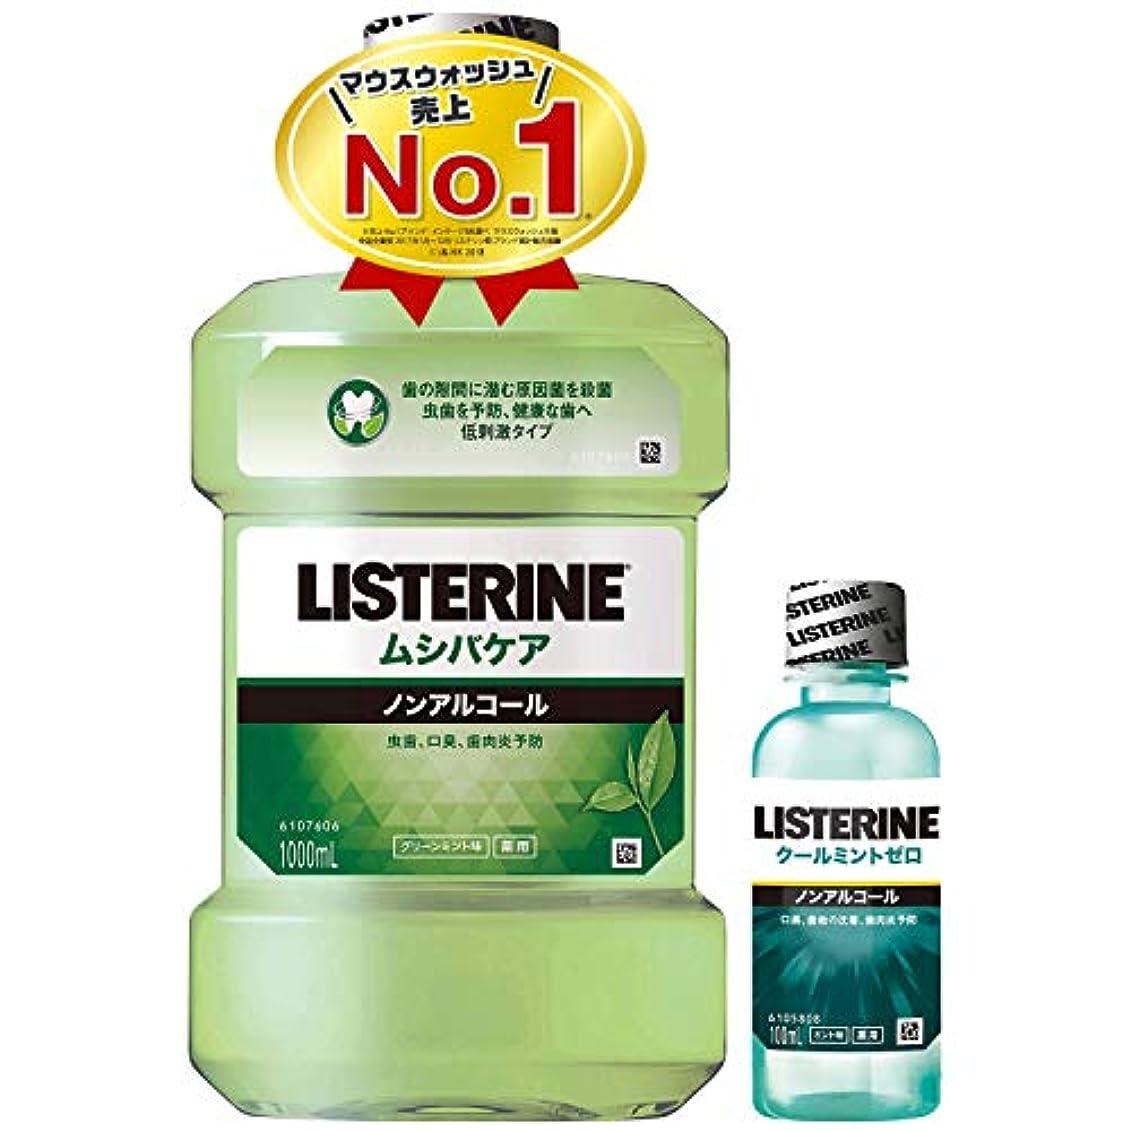 エピソードオピエートヘルシー[医薬部外品] 薬用 LISTERINE(リステリン) マウスウォッシュ ムシバケア 1000mL + おまけつき